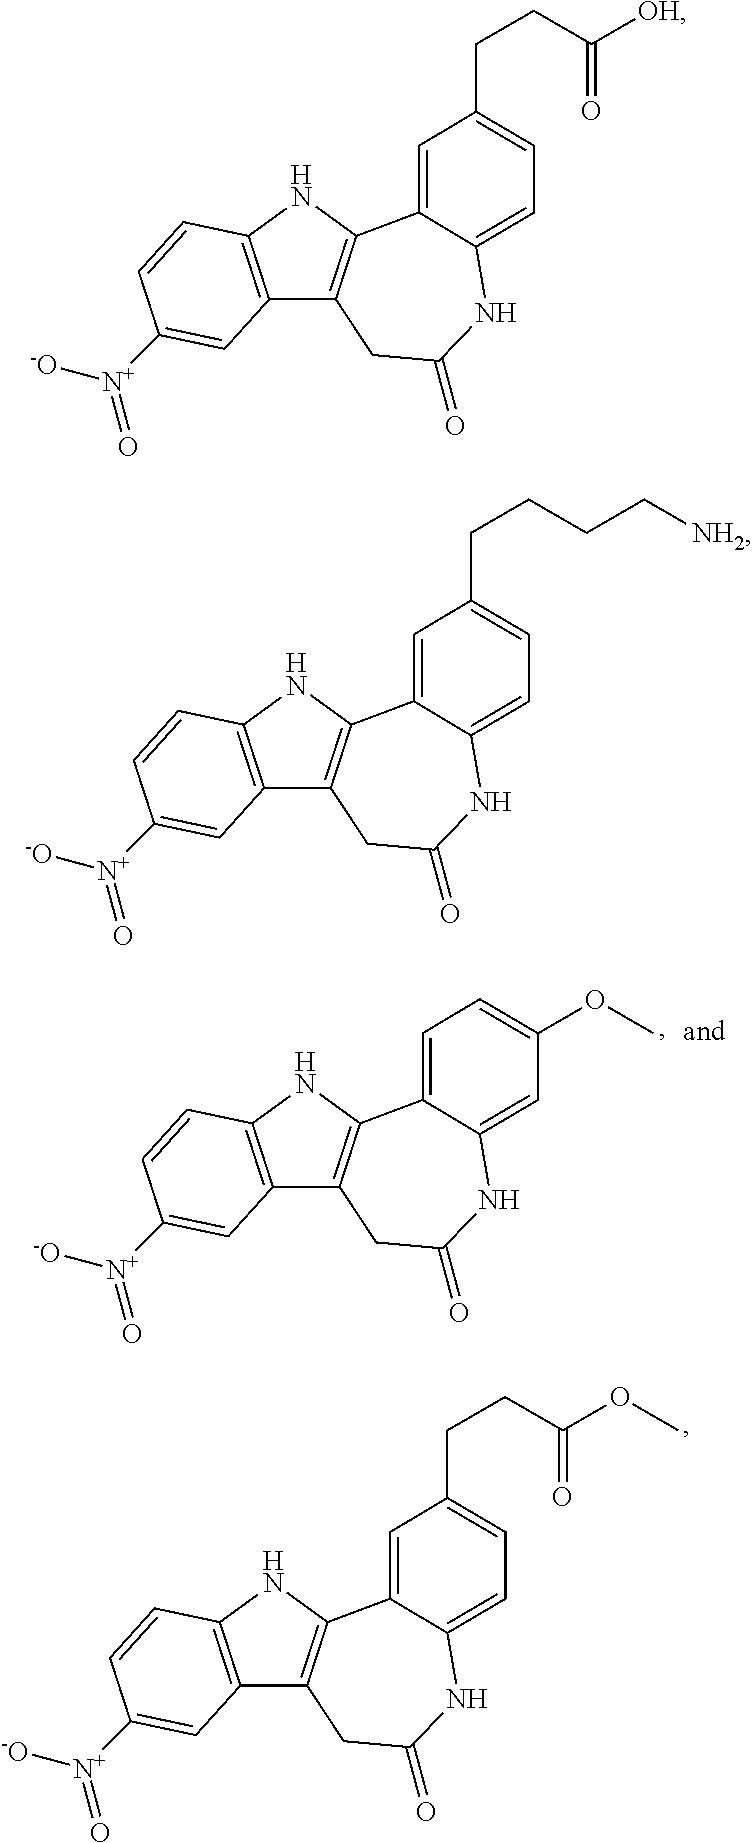 Figure US09572815-20170221-C00010